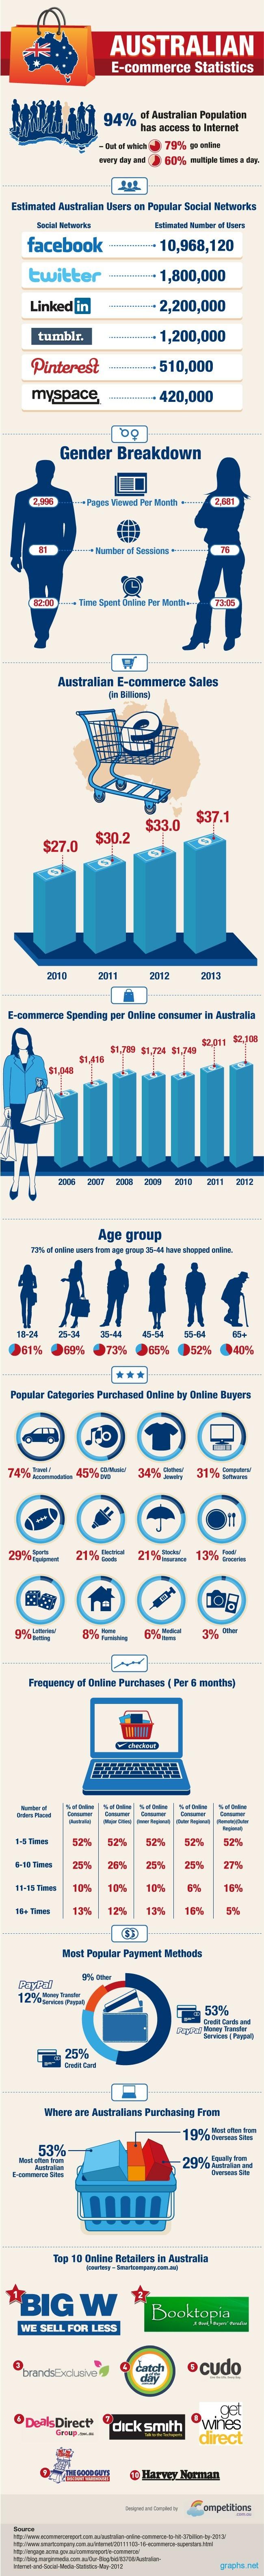 E-commerce Statistics Australia